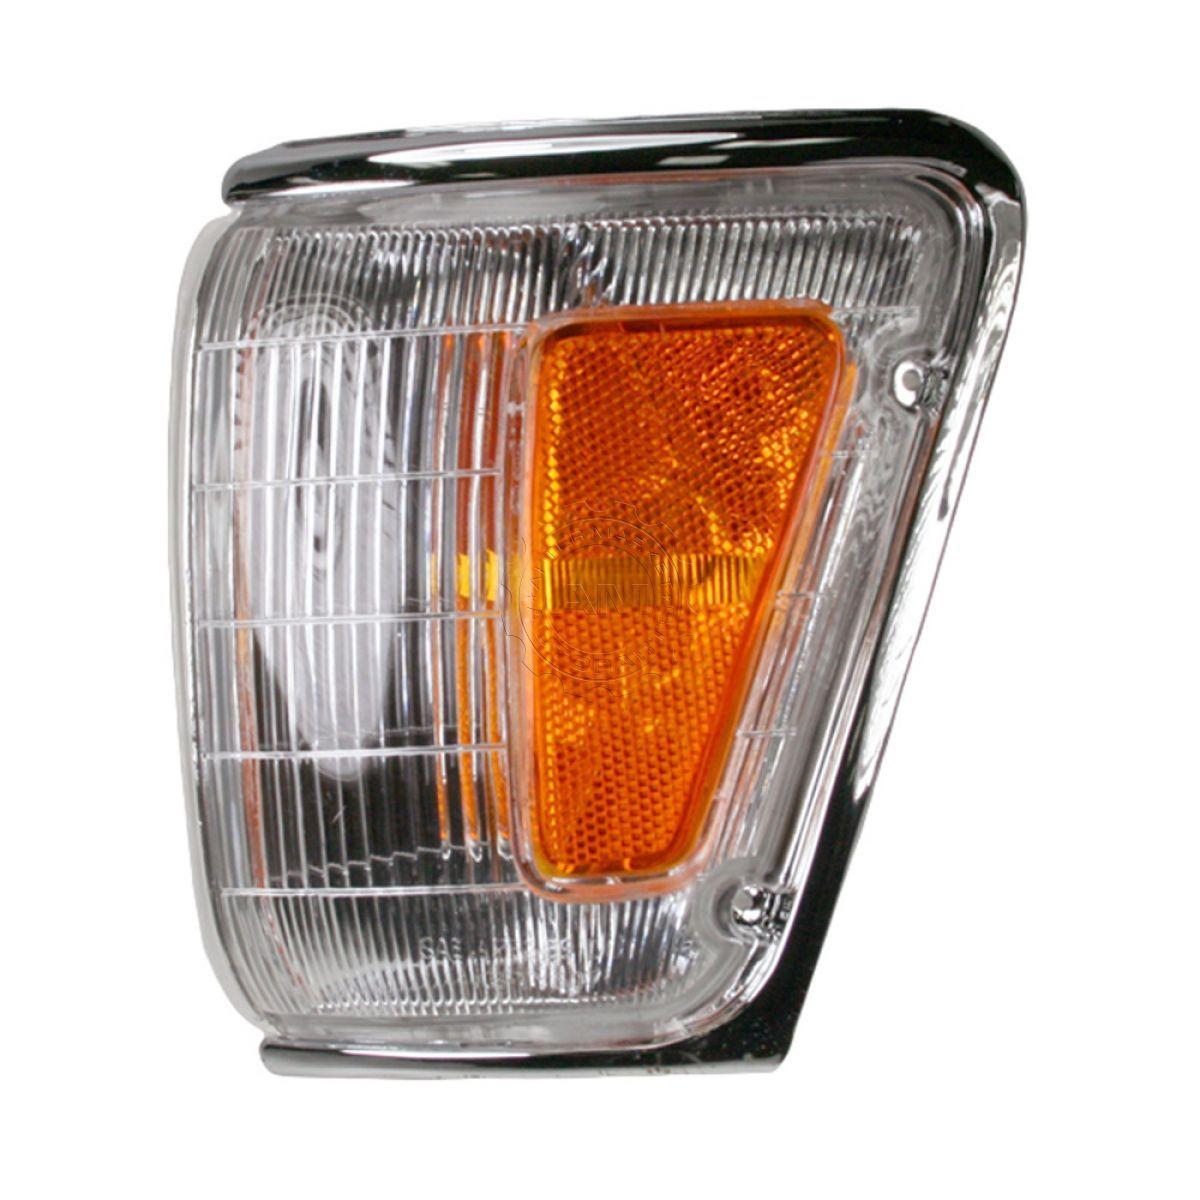 コーナーライト Chrome Corner Light LH Left for 89-91 Toyota PU 90-91 4Runner クロムコーナーライトLH 89-91トヨタPU 90-91 4Runnerのために左